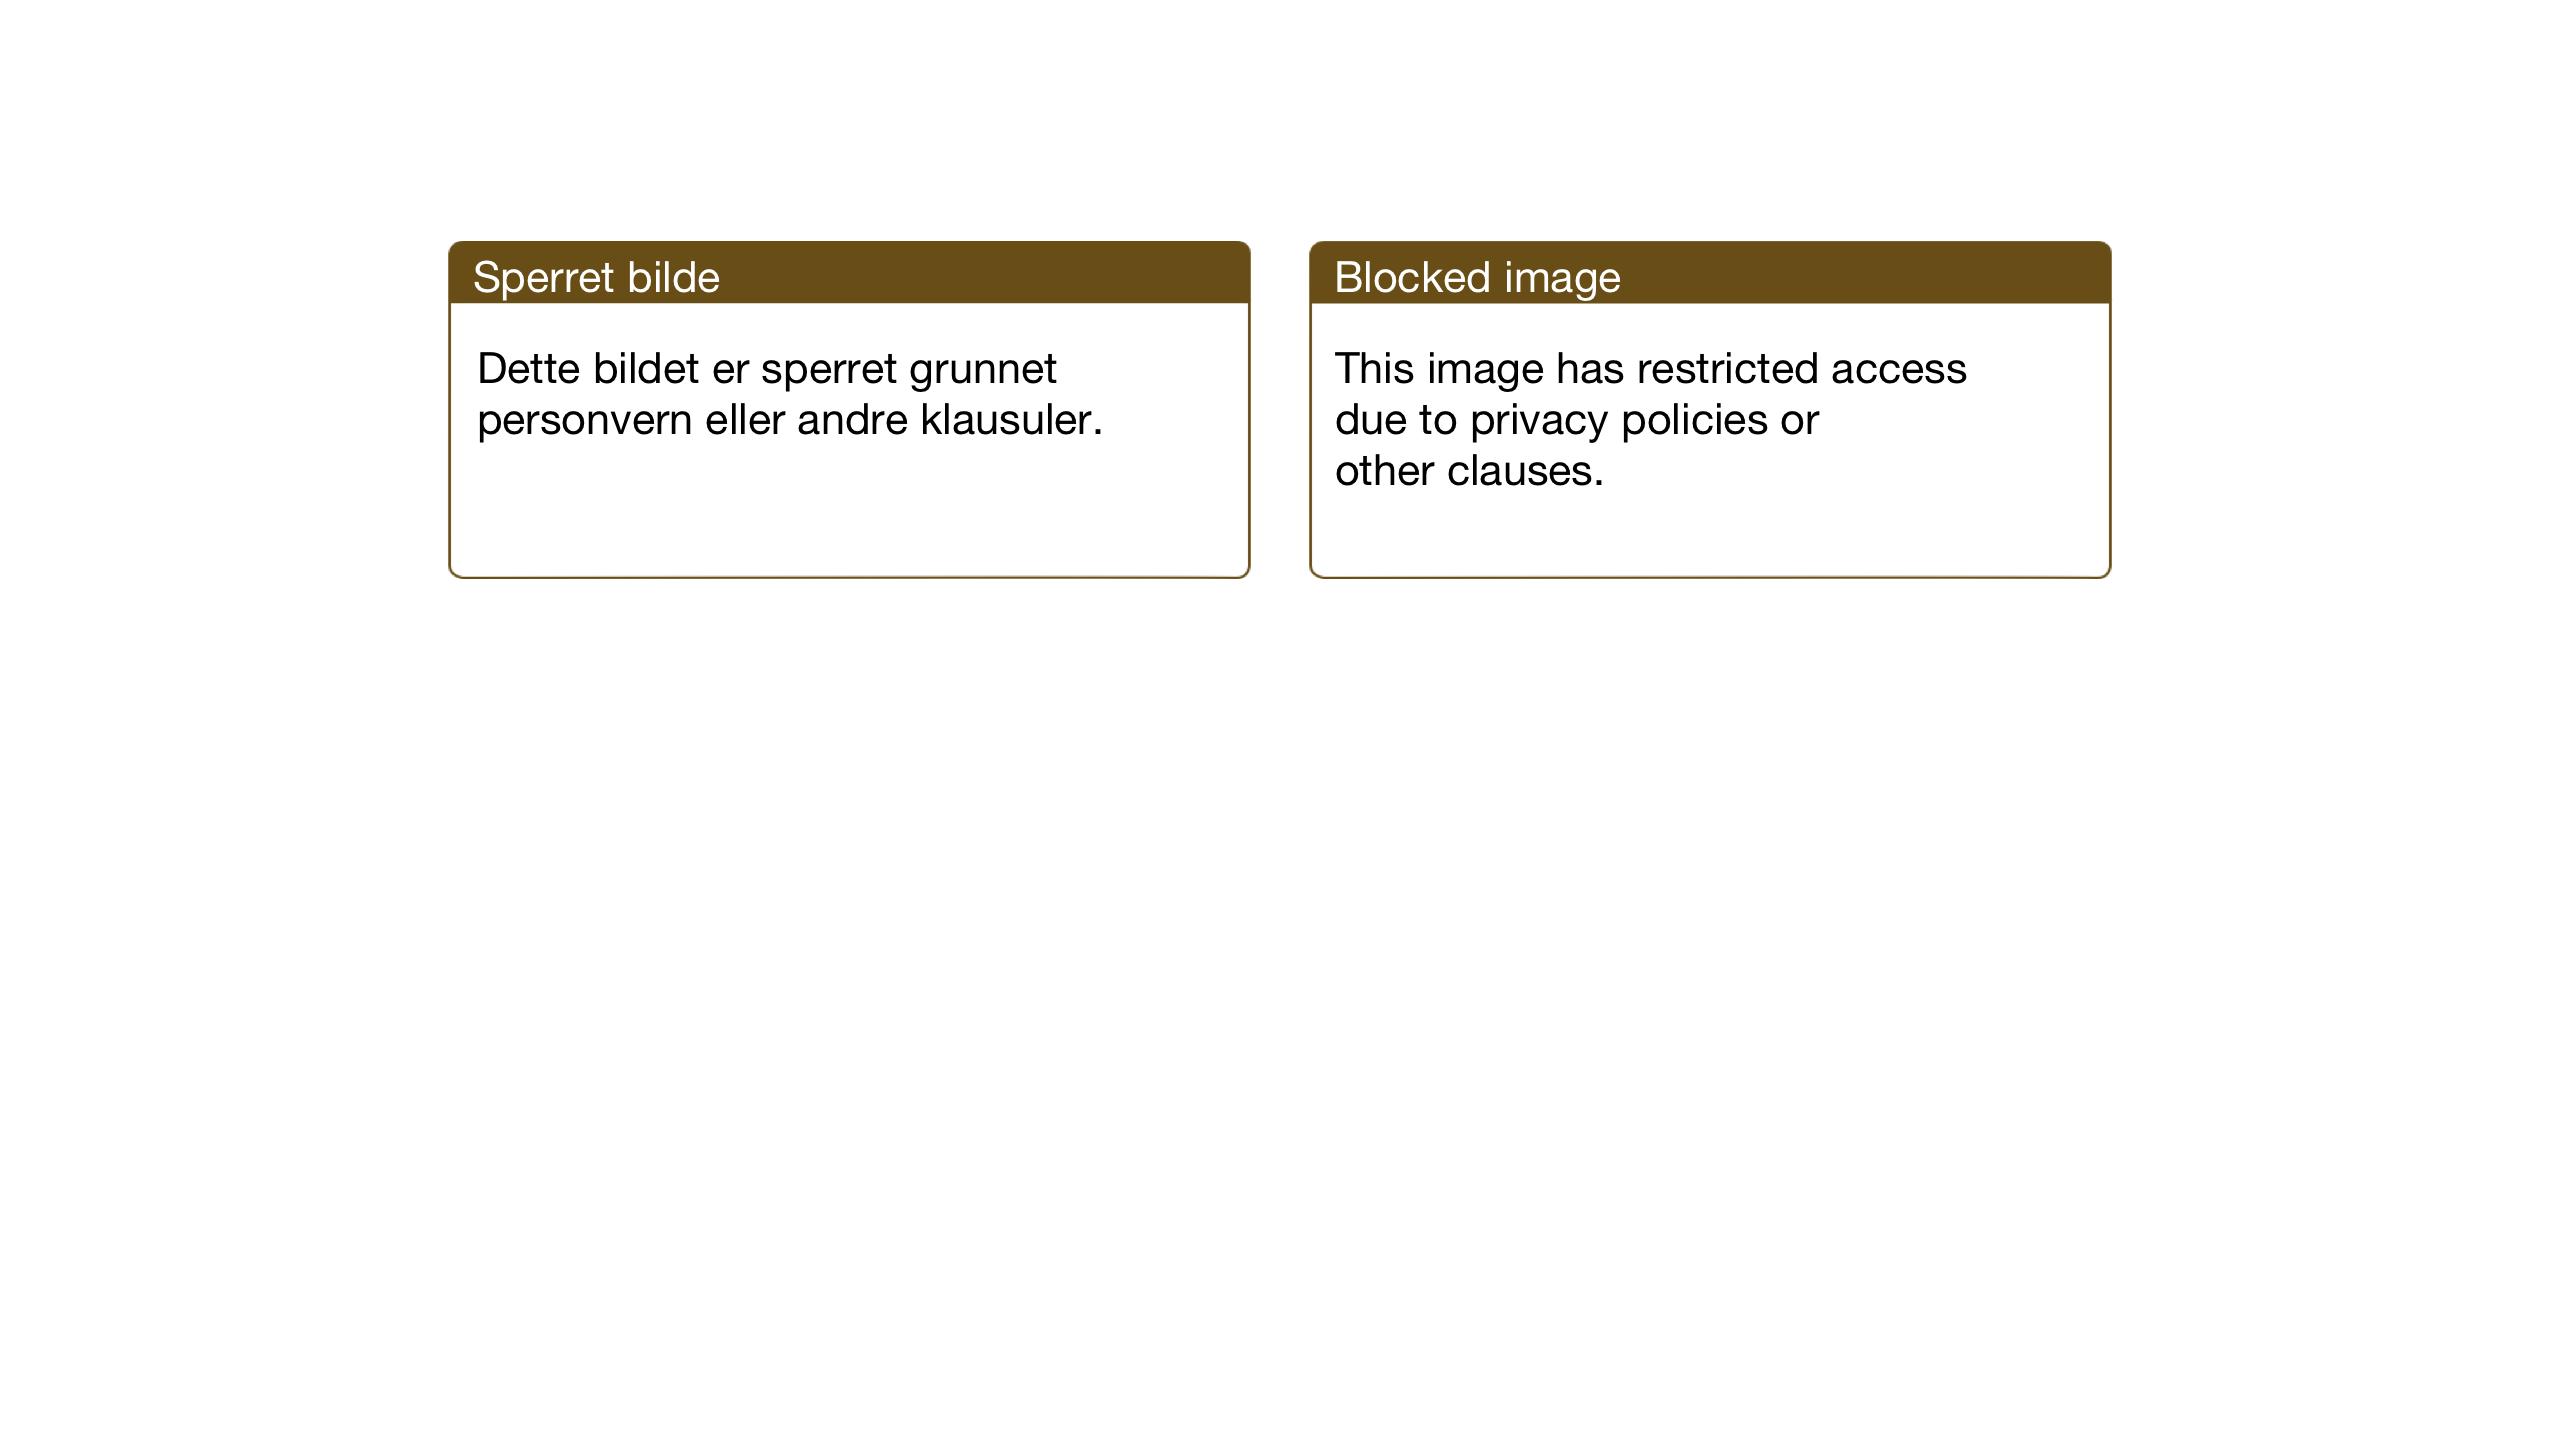 SAT, Ministerialprotokoller, klokkerbøker og fødselsregistre - Sør-Trøndelag, 681/L0943: Klokkerbok nr. 681C07, 1926-1954, s. 179